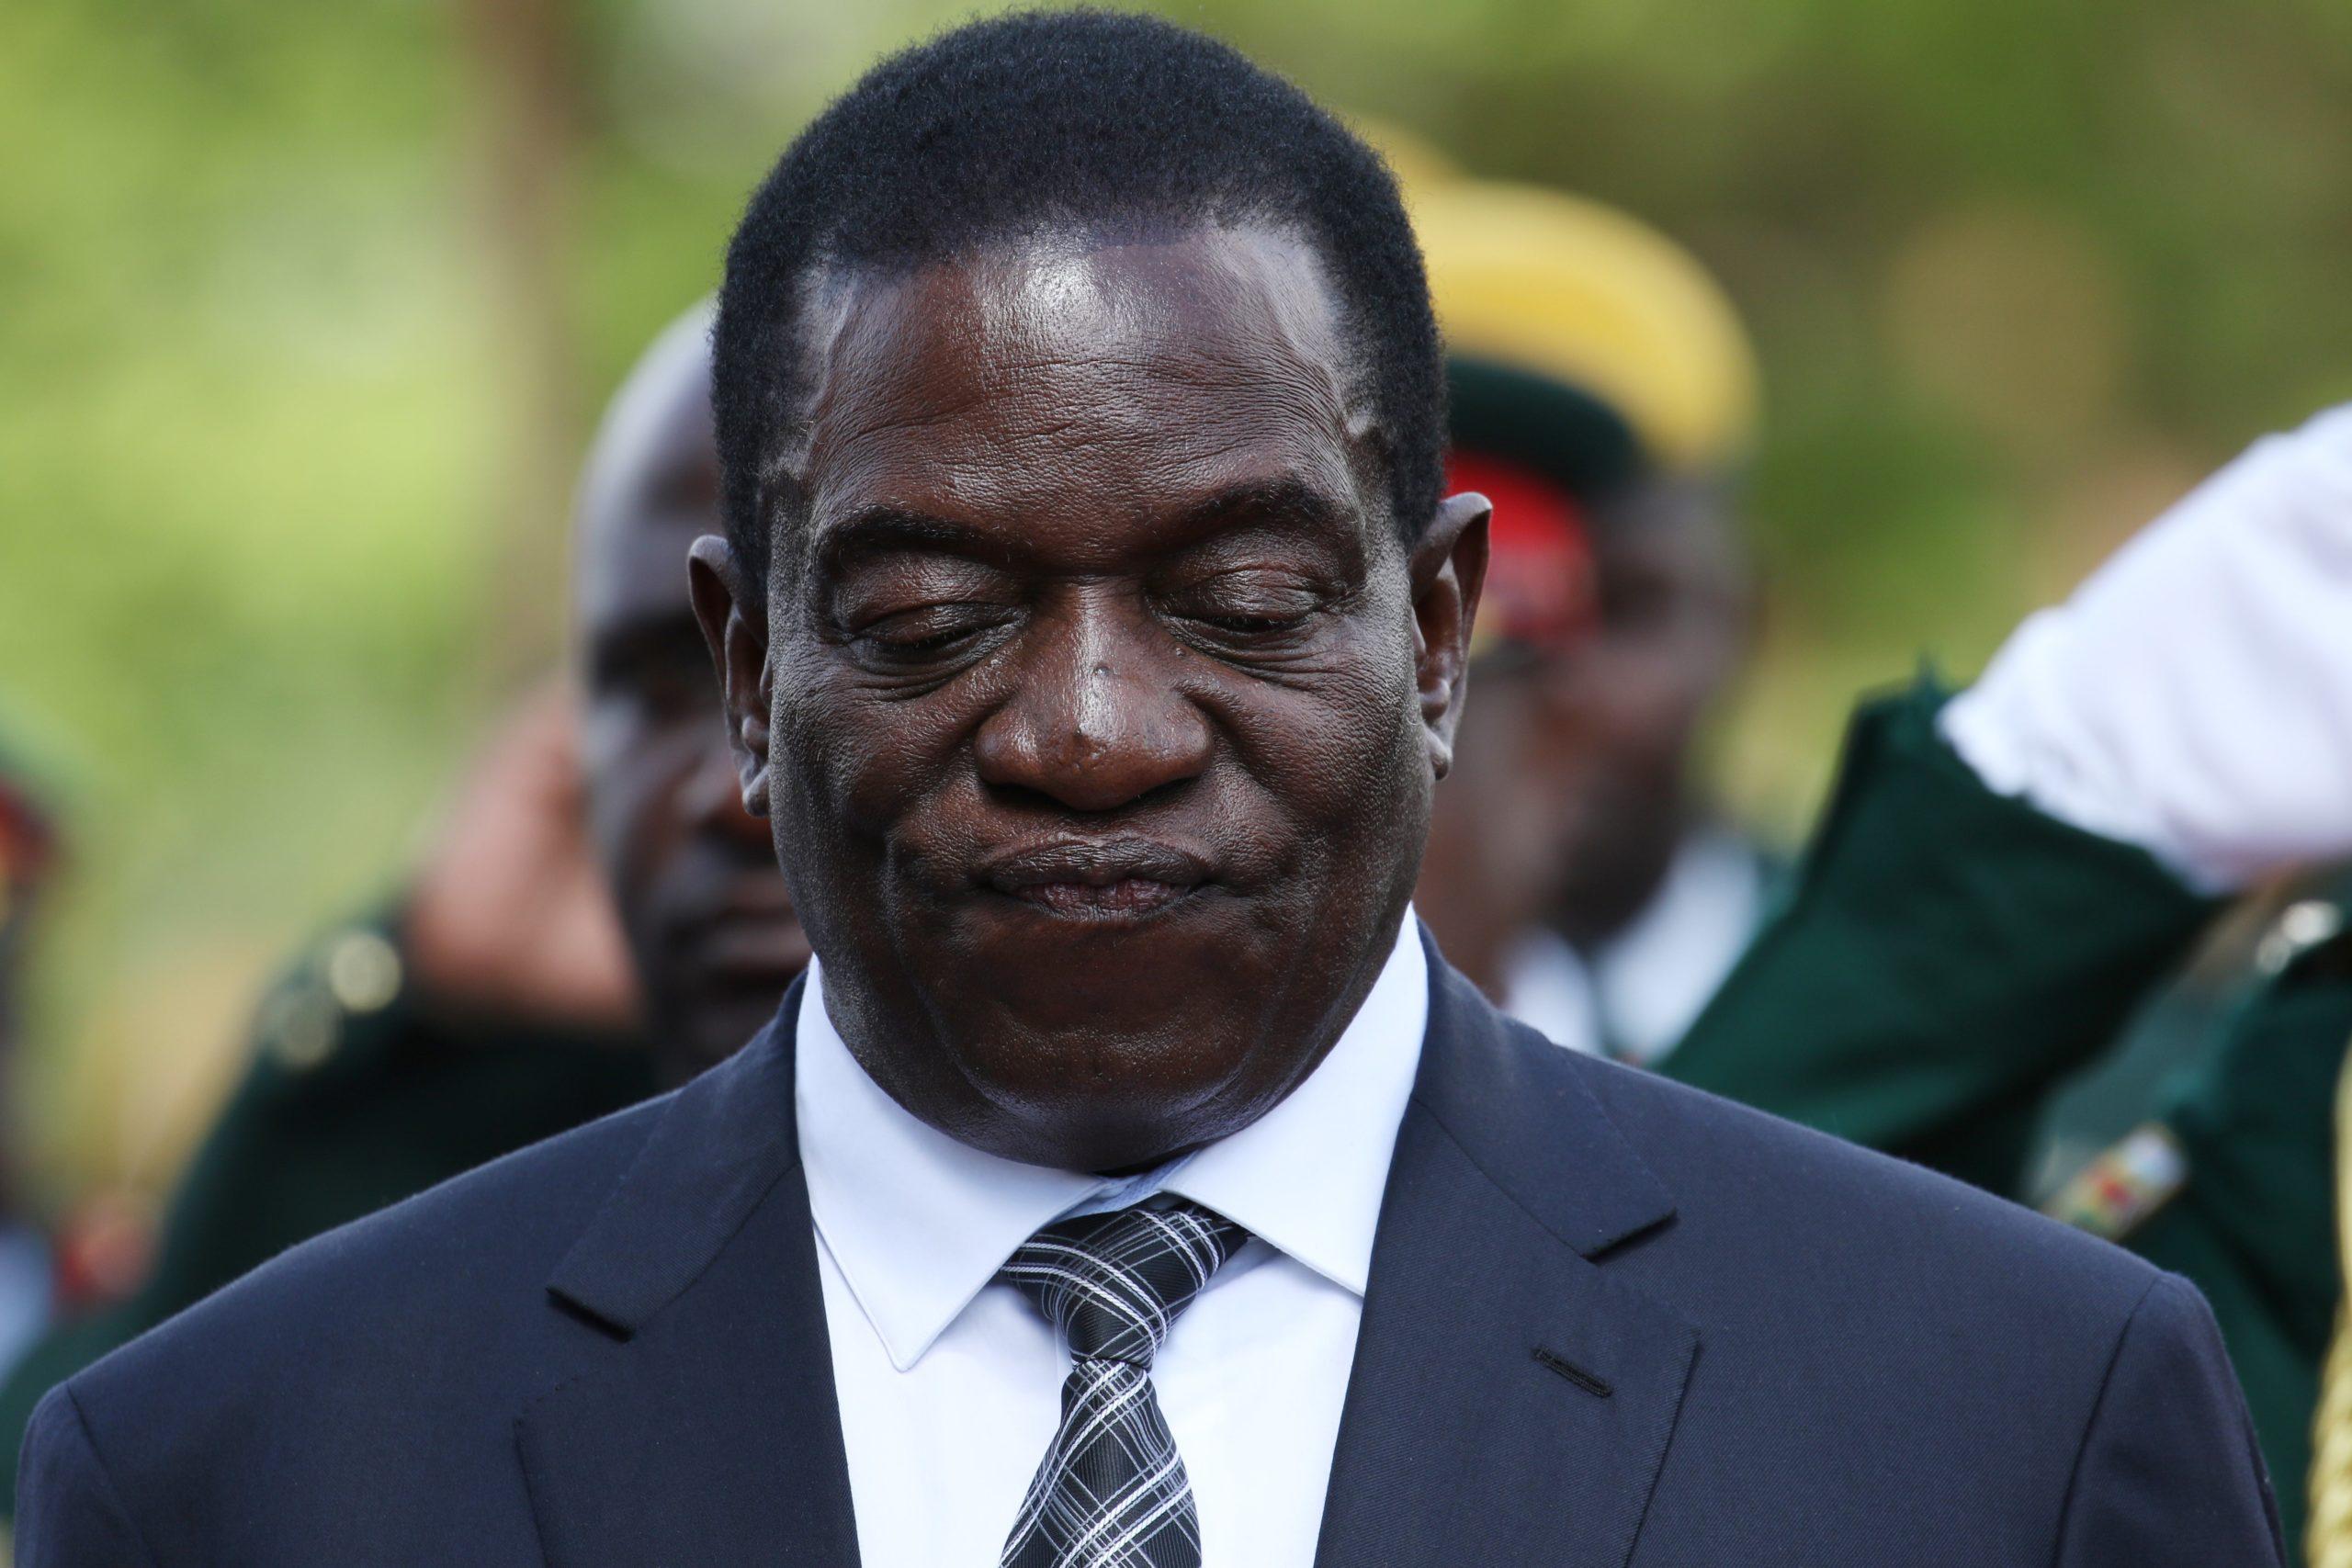 AMHVoices: Sanctions must remain until Zanu PF reforms